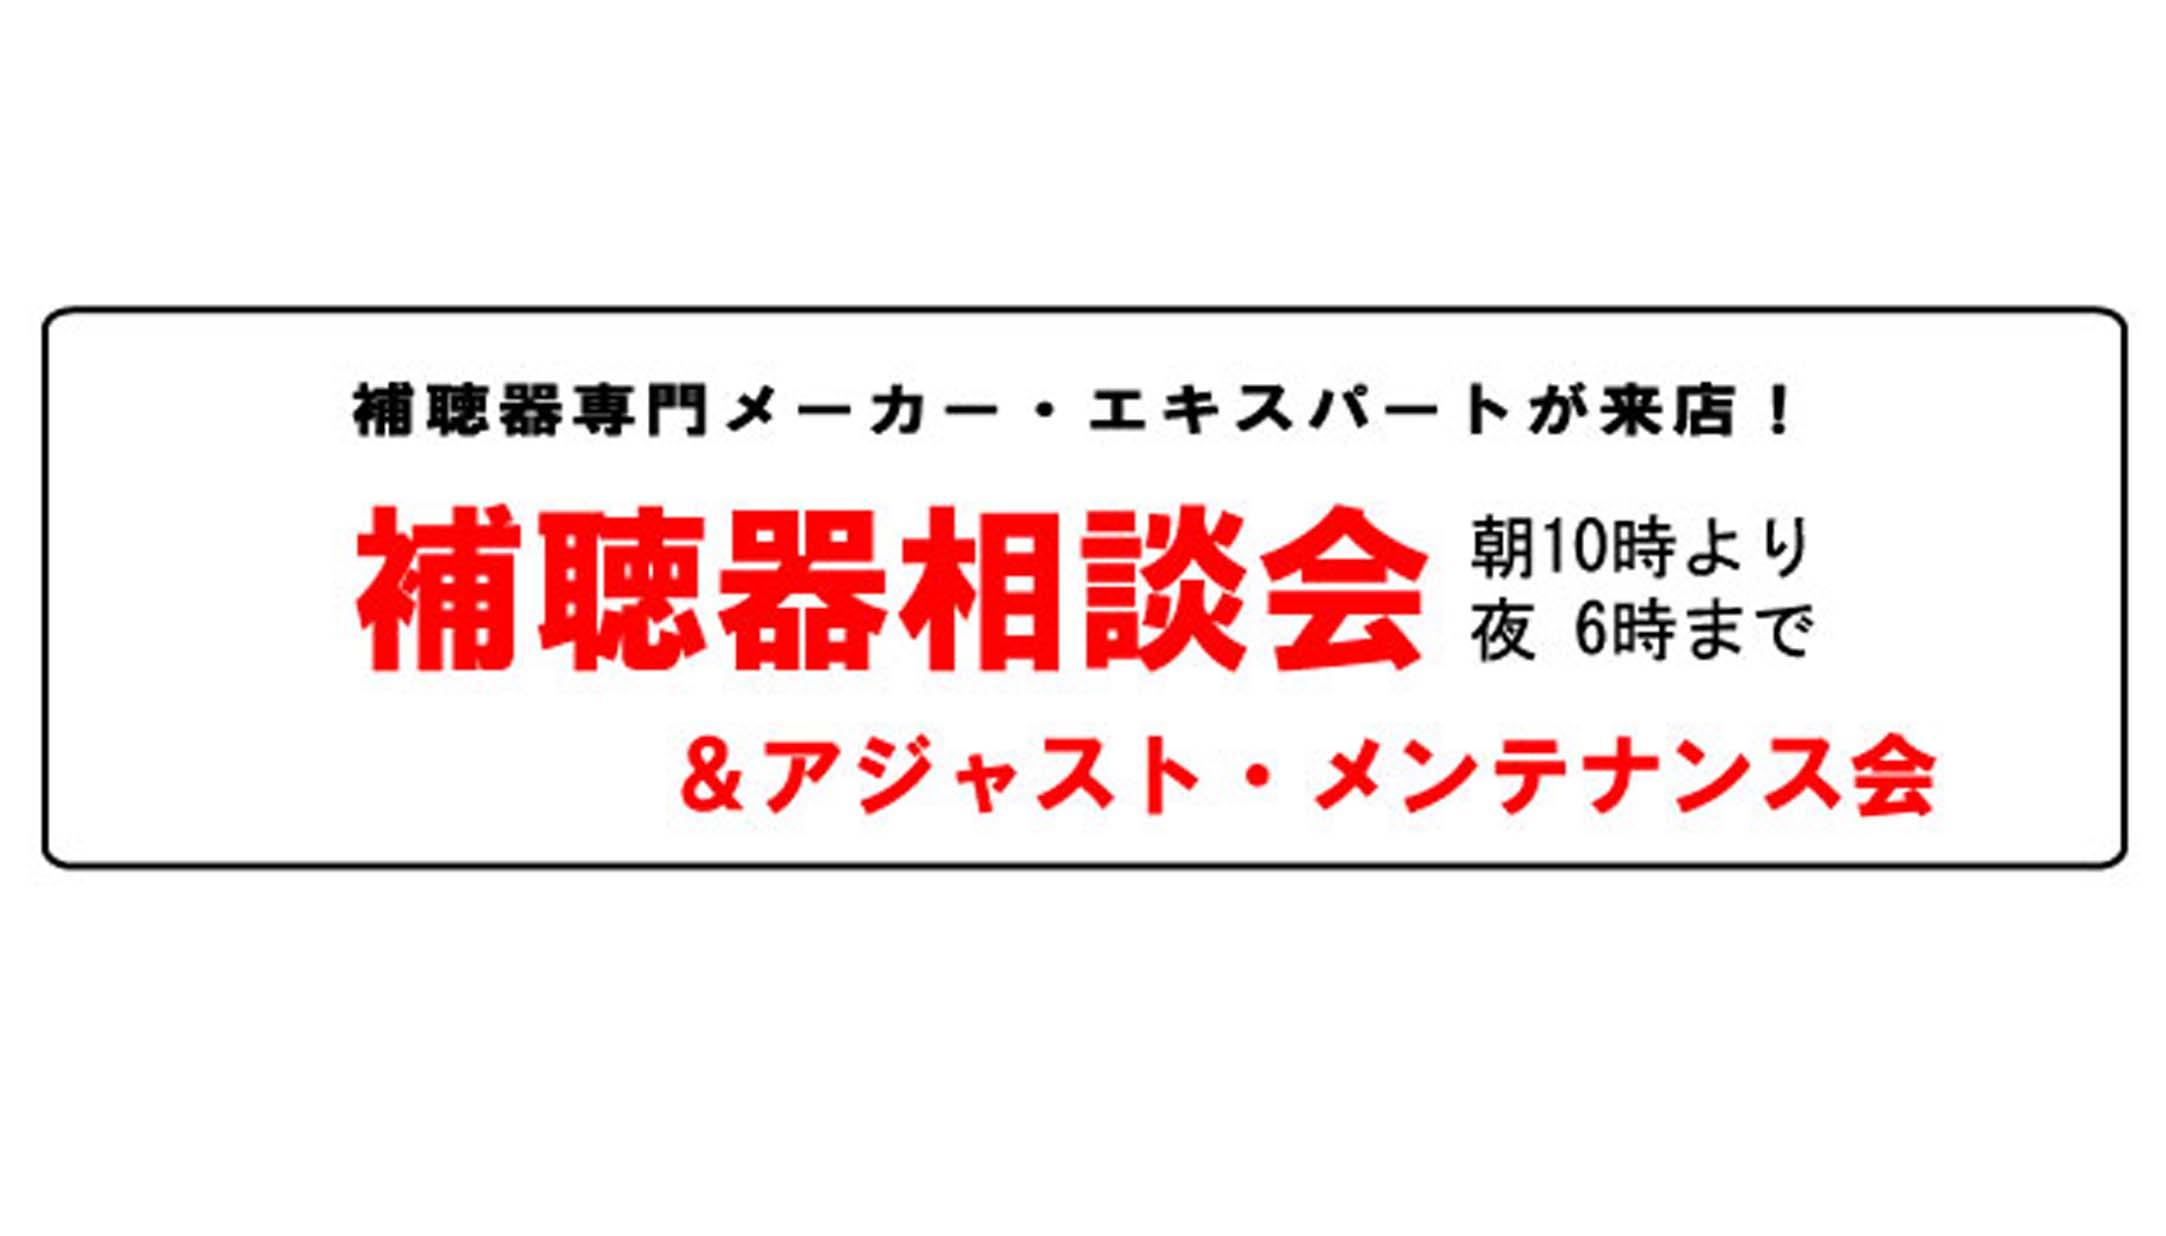 2012年9月 補聴器相談会